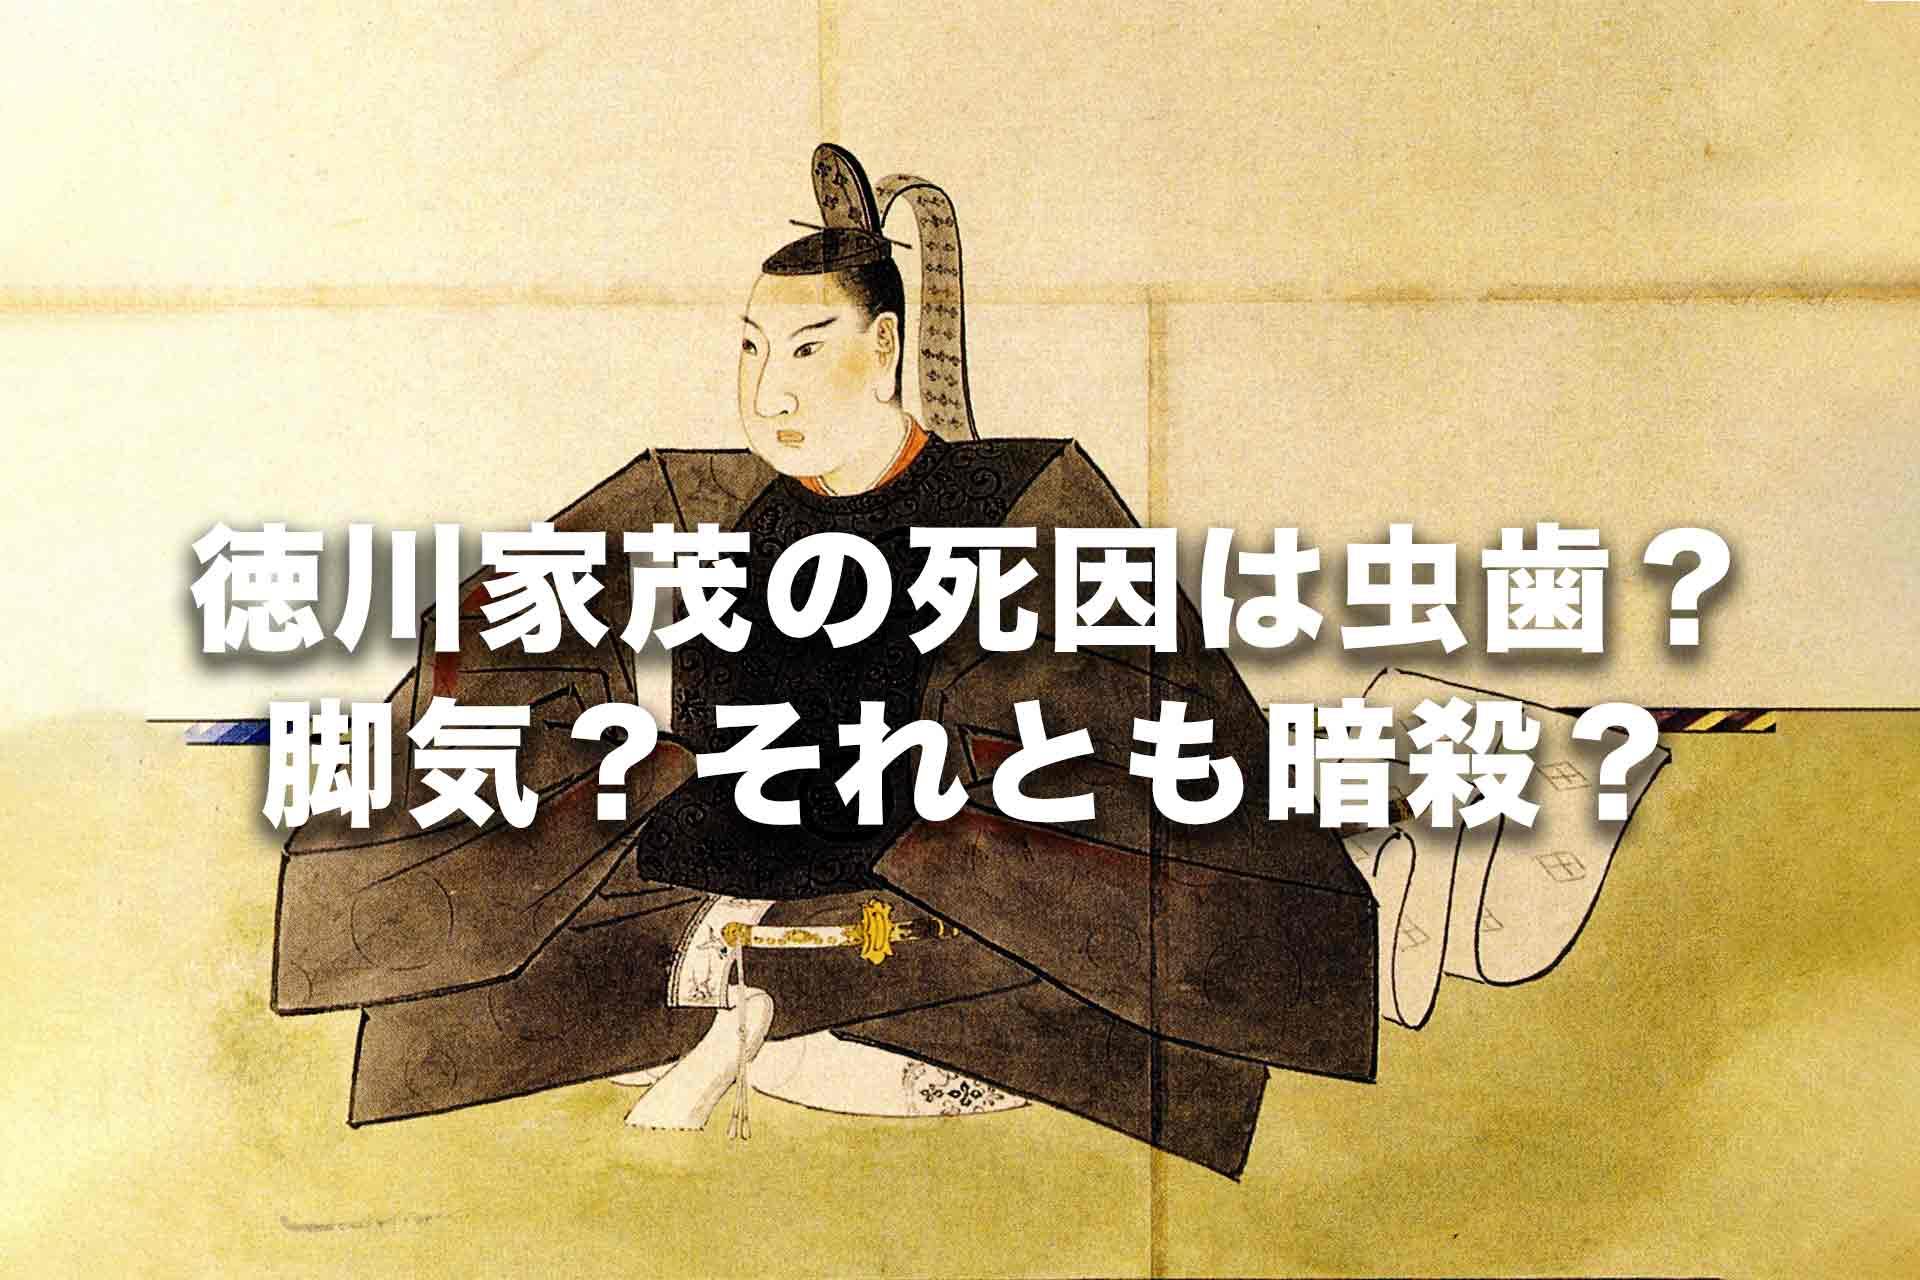 徳川家茂の死因は虫歯?脚気?それとも暗殺?徳川14代将軍の最後の姿を解説!